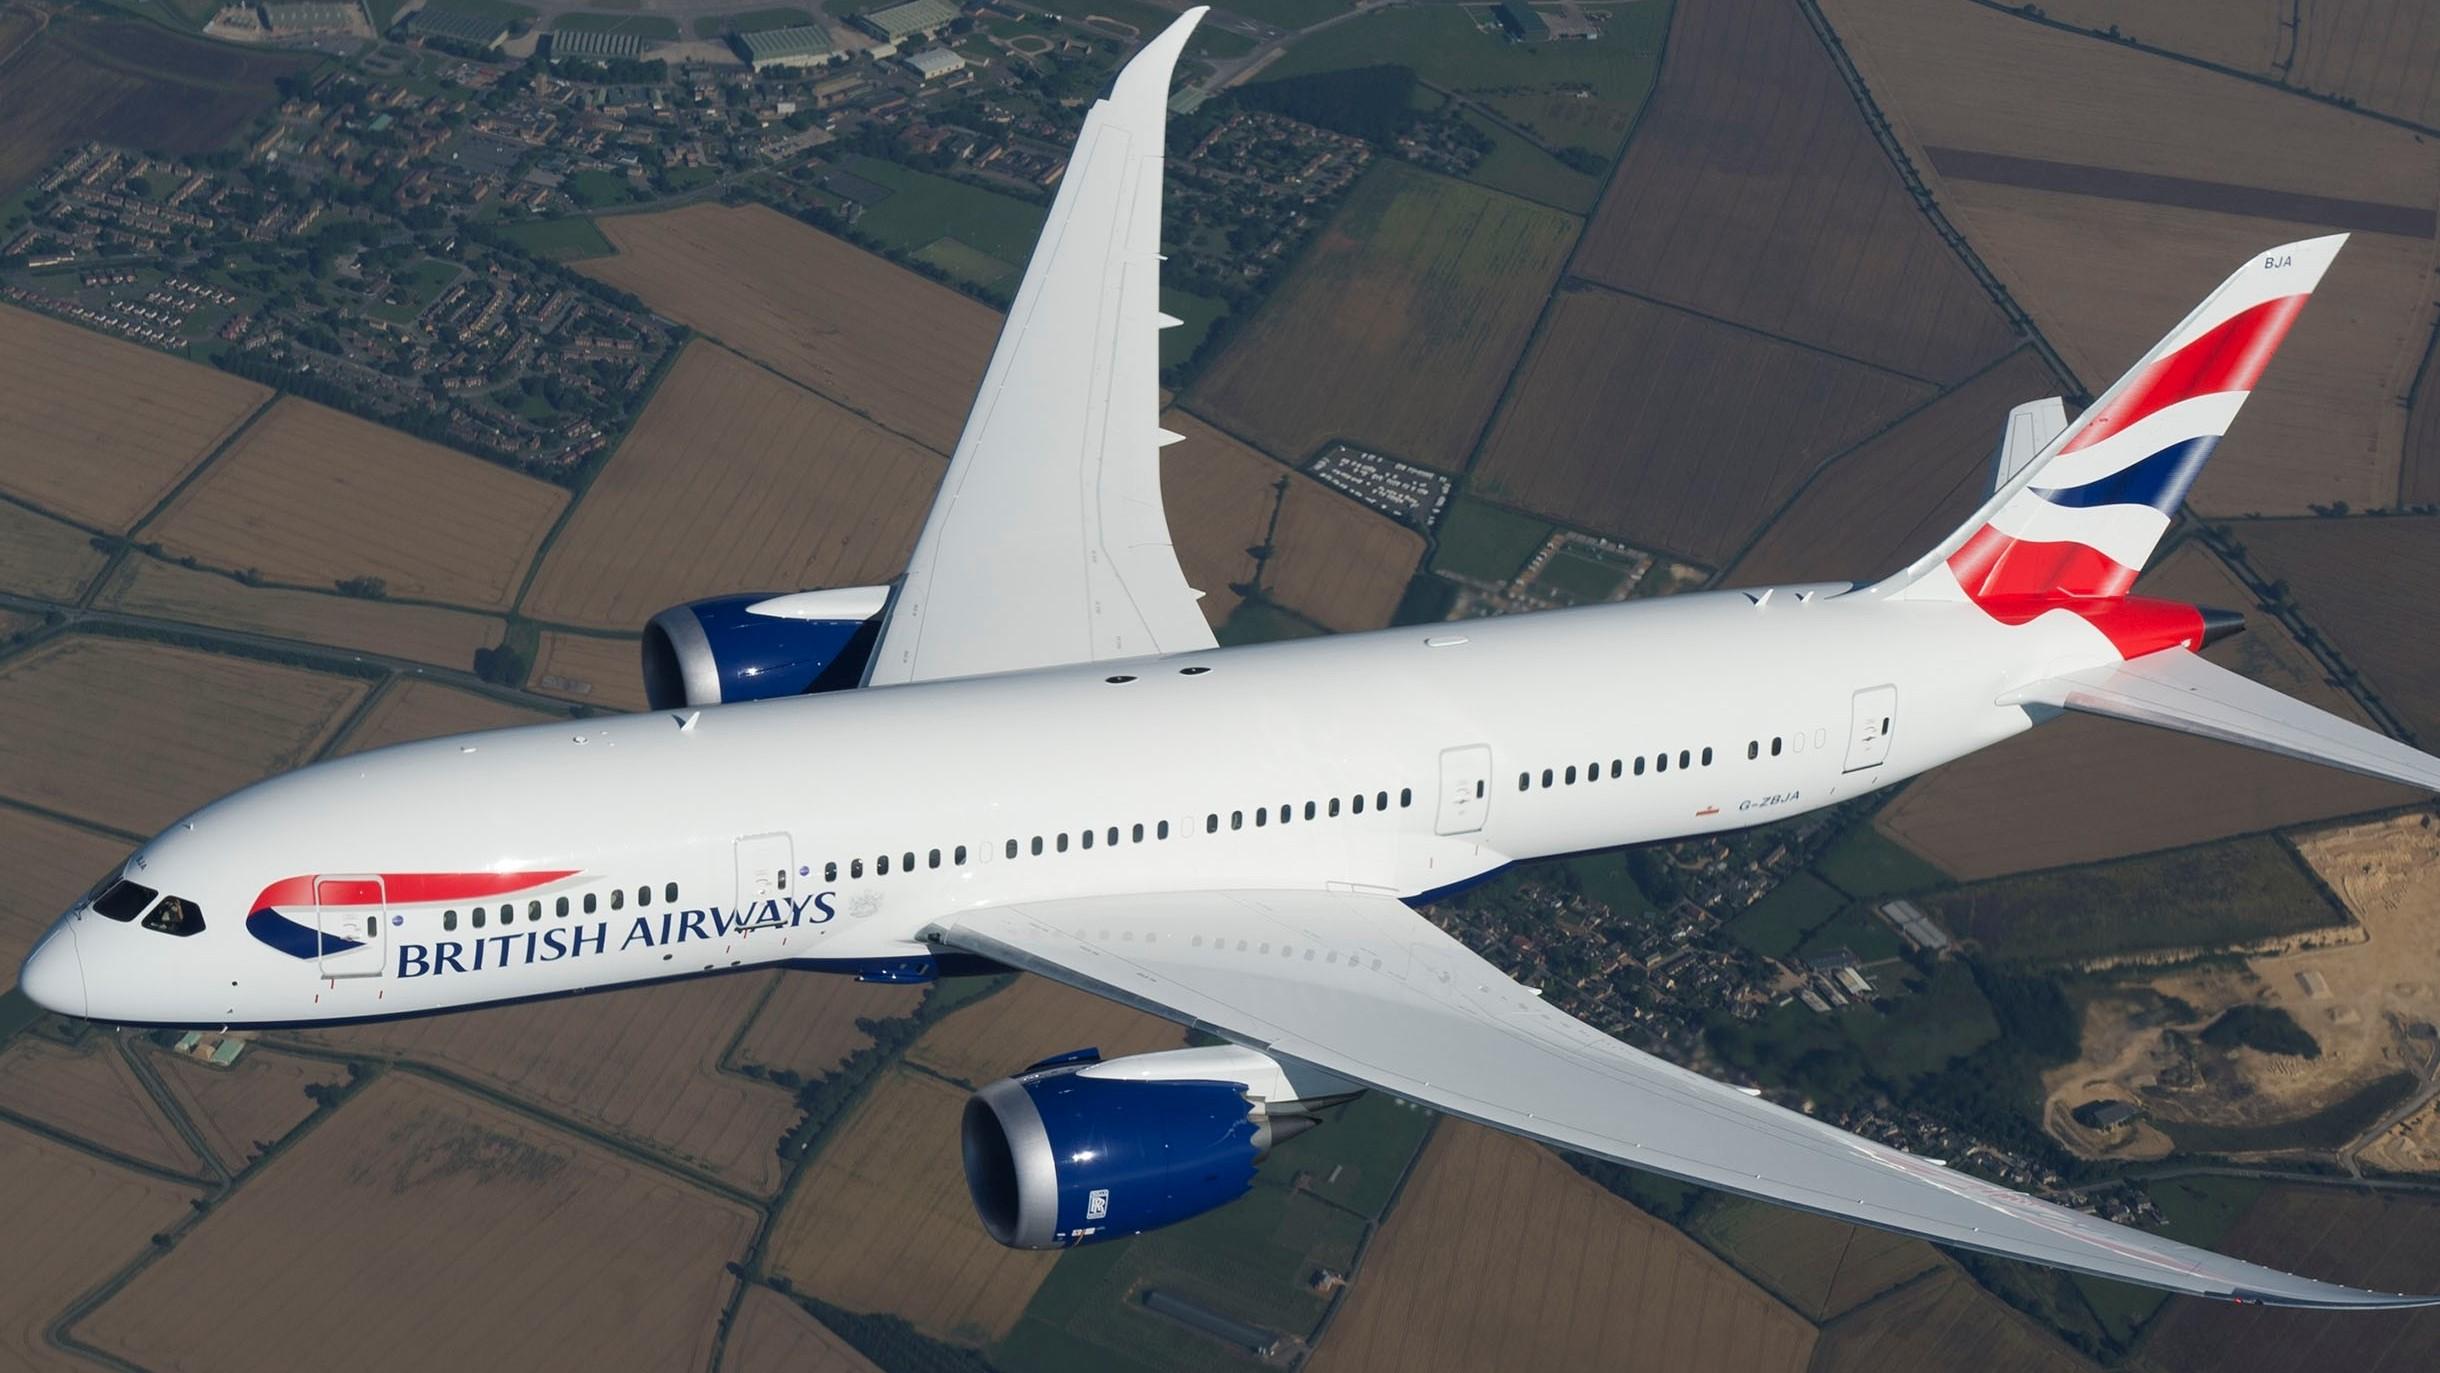 חברת התעופה בריטיש איירווייס מציגה: 19 חידושים לקראת השנה ה-100 להיווסדה